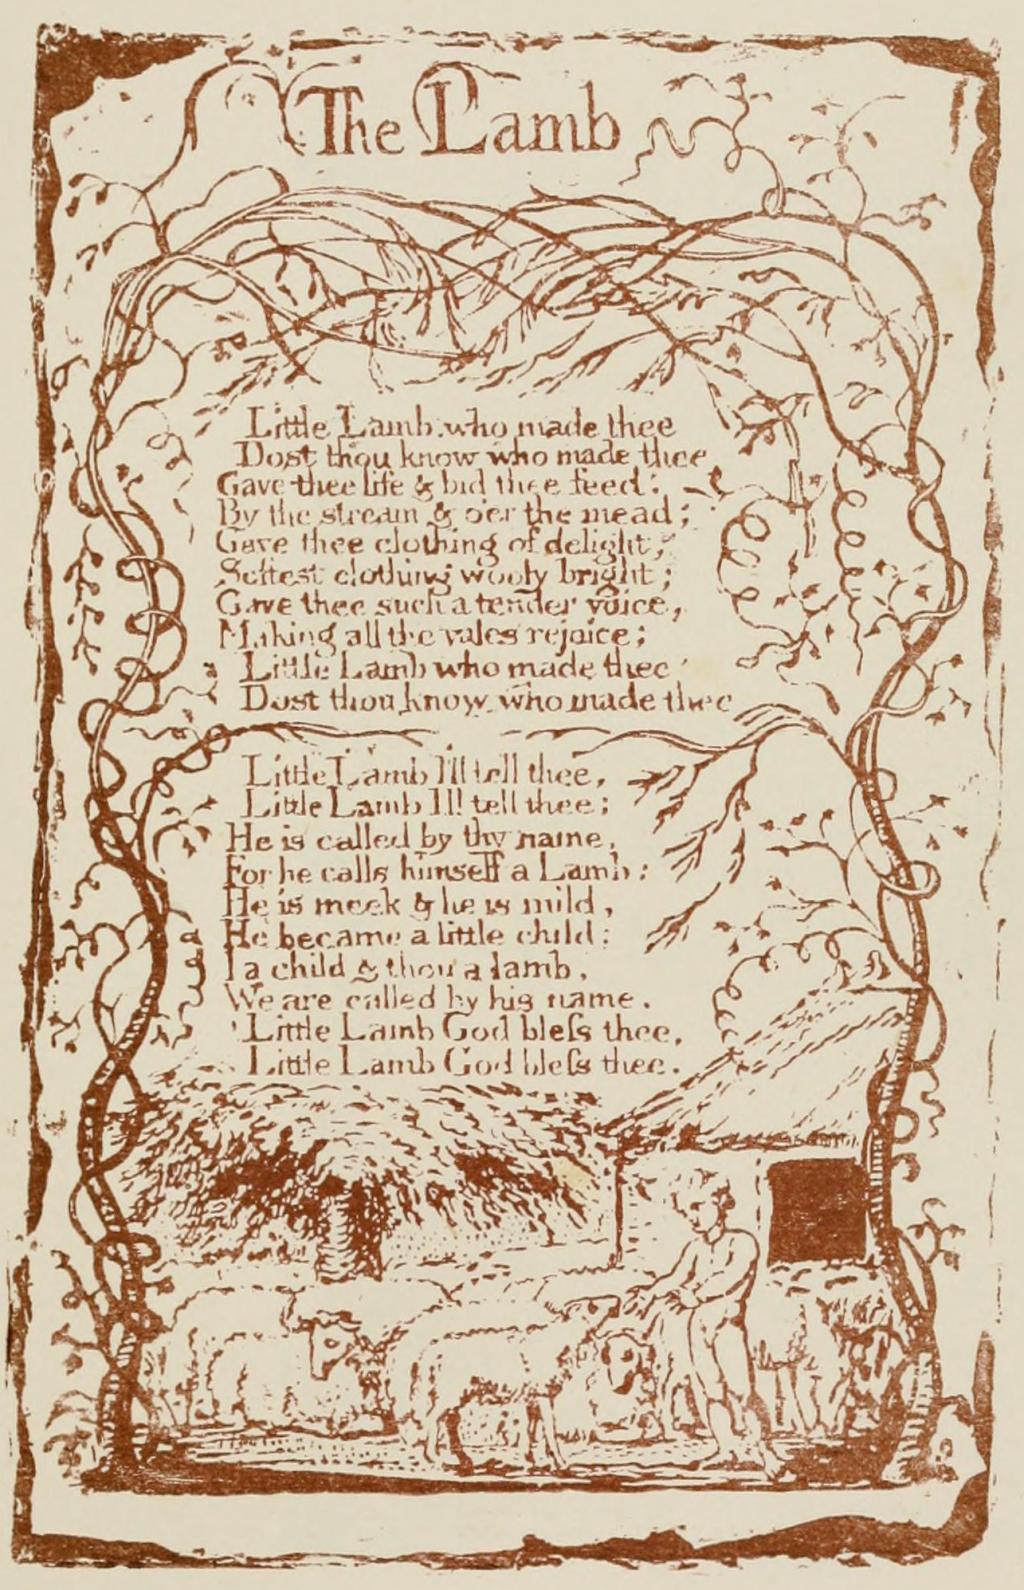 The lamb william blake essay